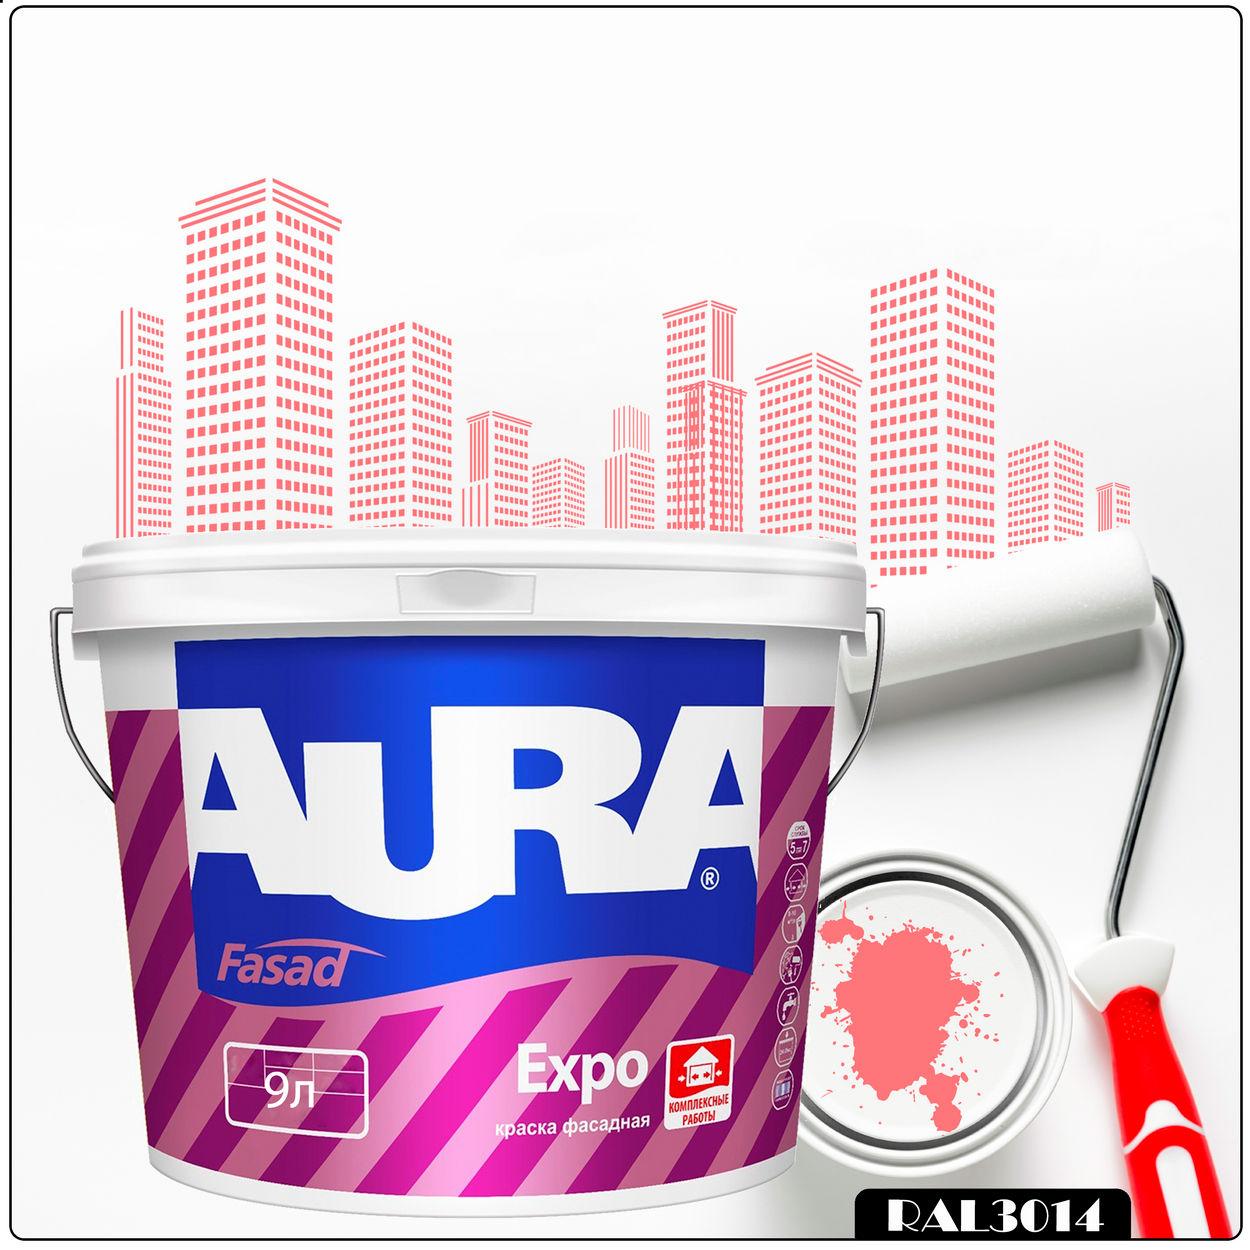 Фото 12 - Краска Aura Fasad Expo, RAL 3014 Антик-розовый, матовая, для фасадов и помещений с повышенной влажностью, 9л.